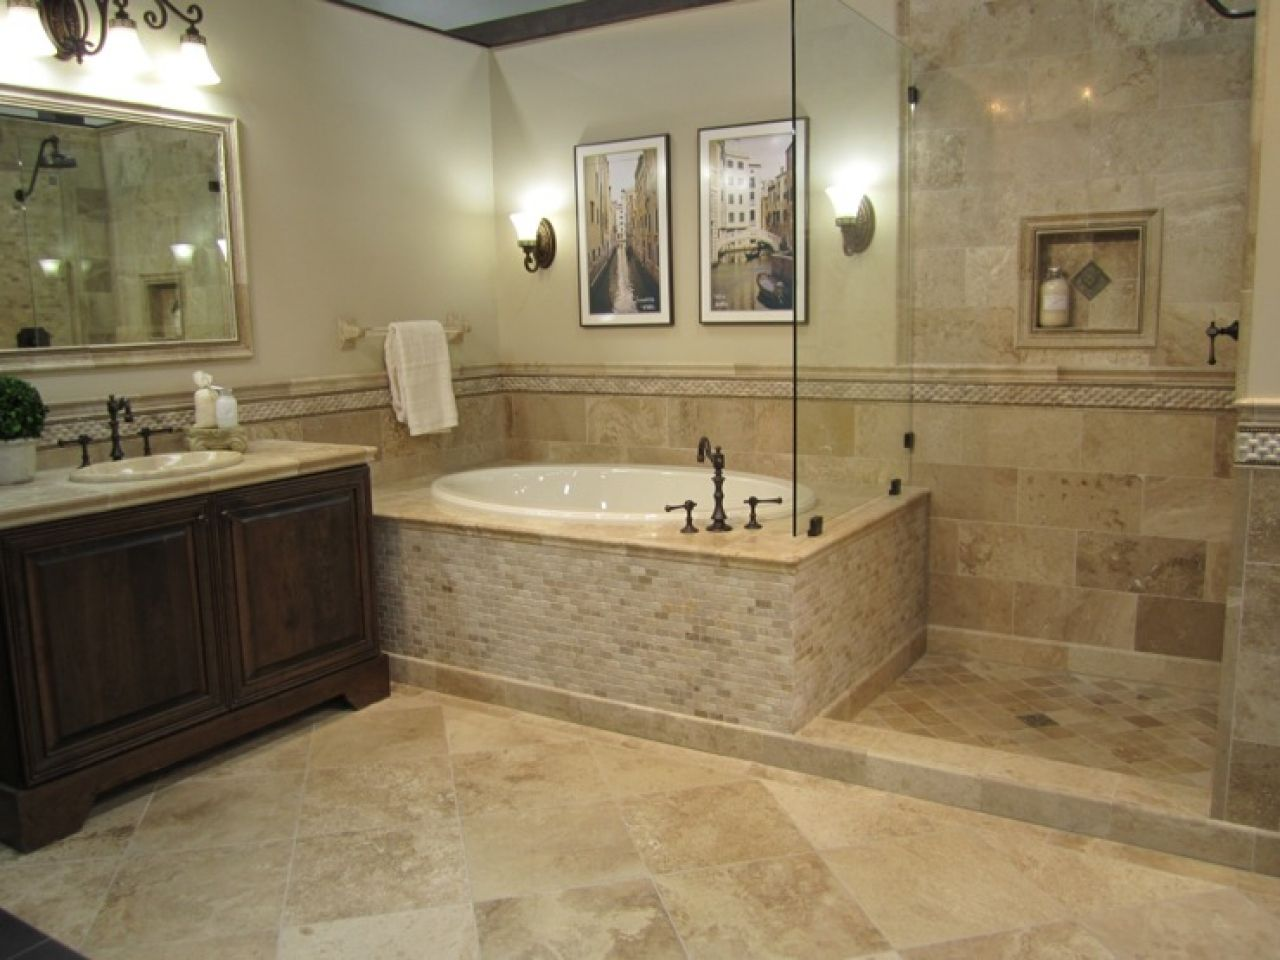 bathroom fixtures travertine Vanity honed driftwood